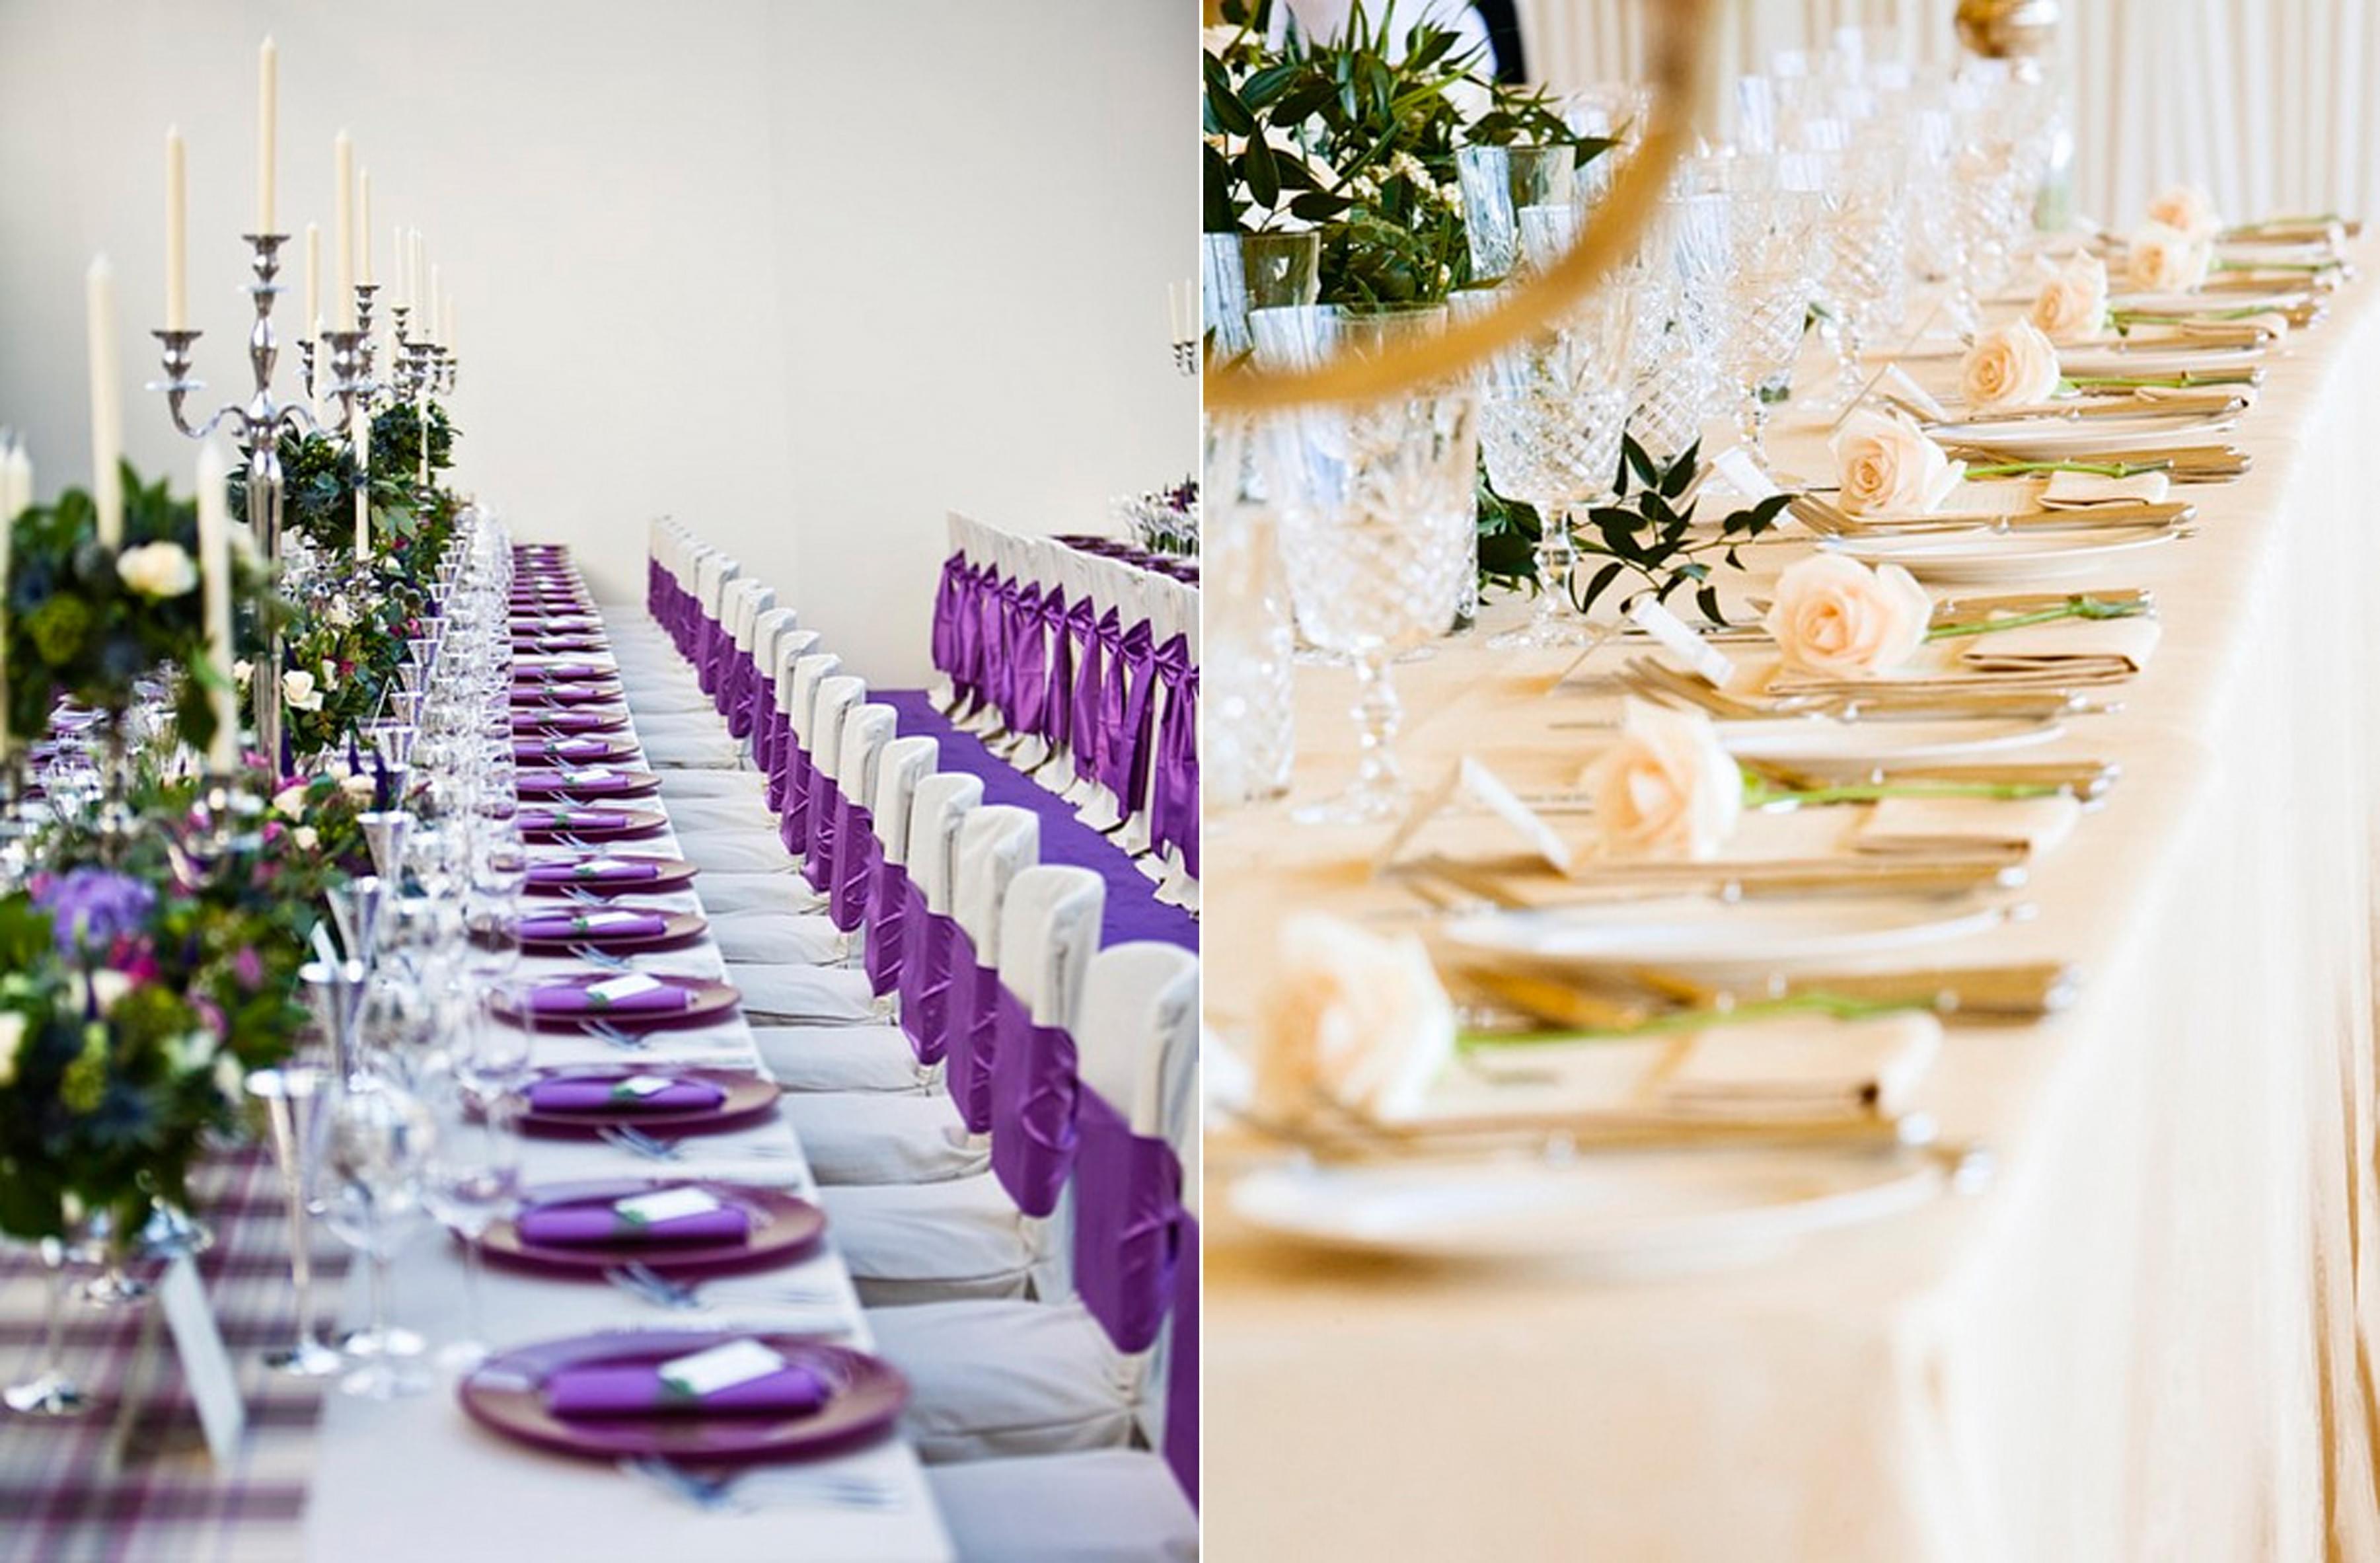 piekne zastawy stolowe kolorowe wesele slub 2013 2014